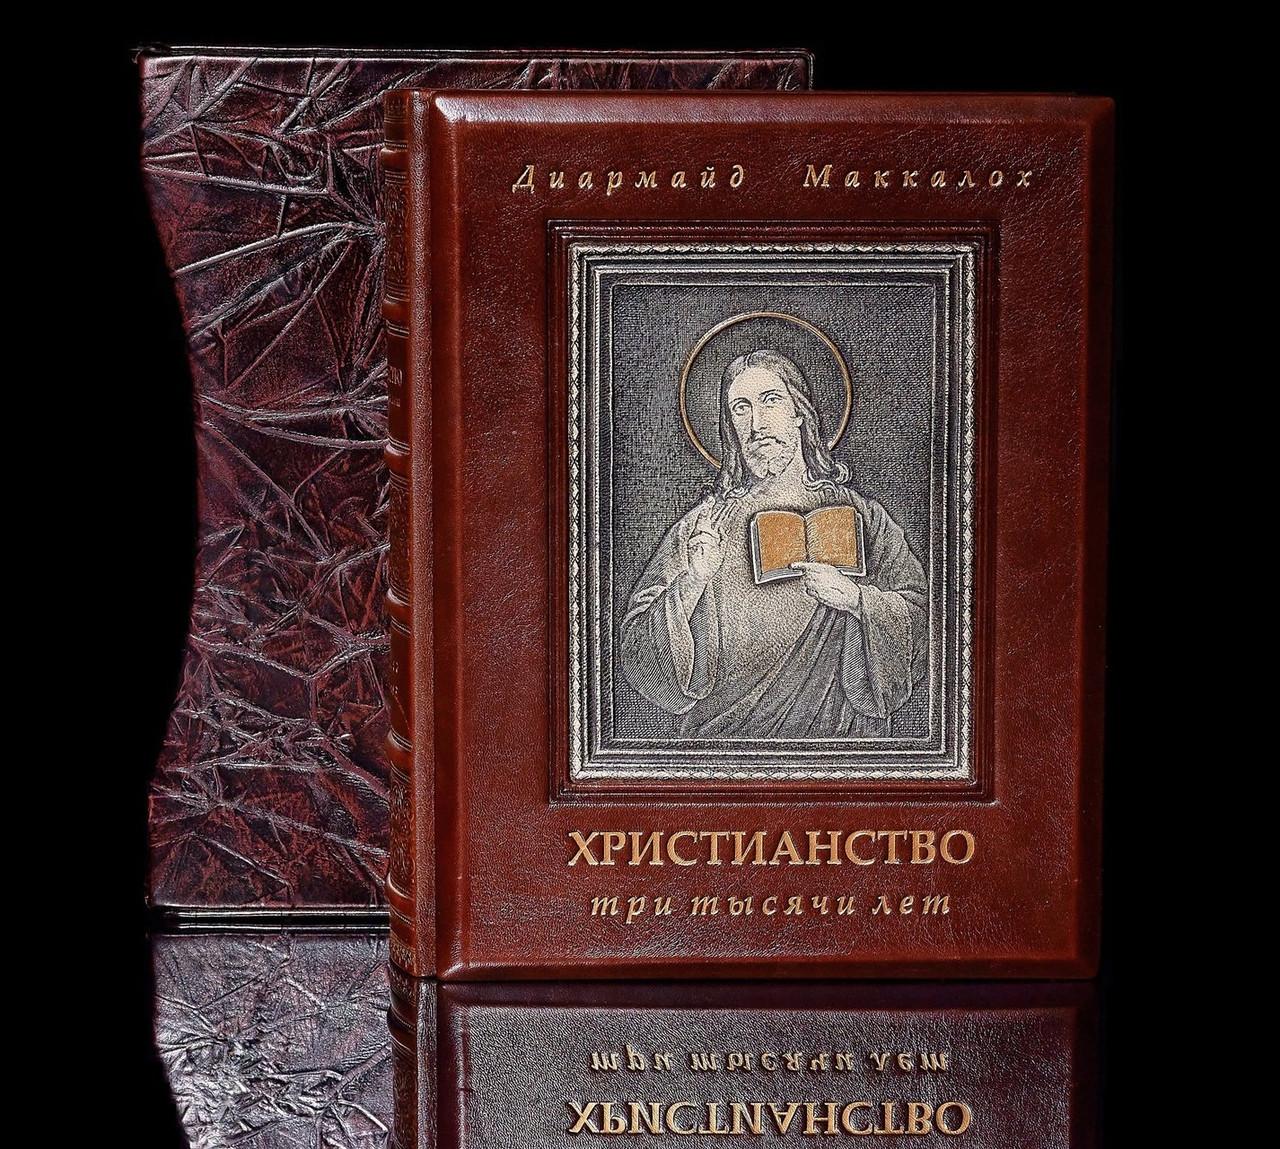 """Книга в кожаном переплете и подарочной коробке """"Христианство 3000 лет"""" Диармайд Маккалох"""